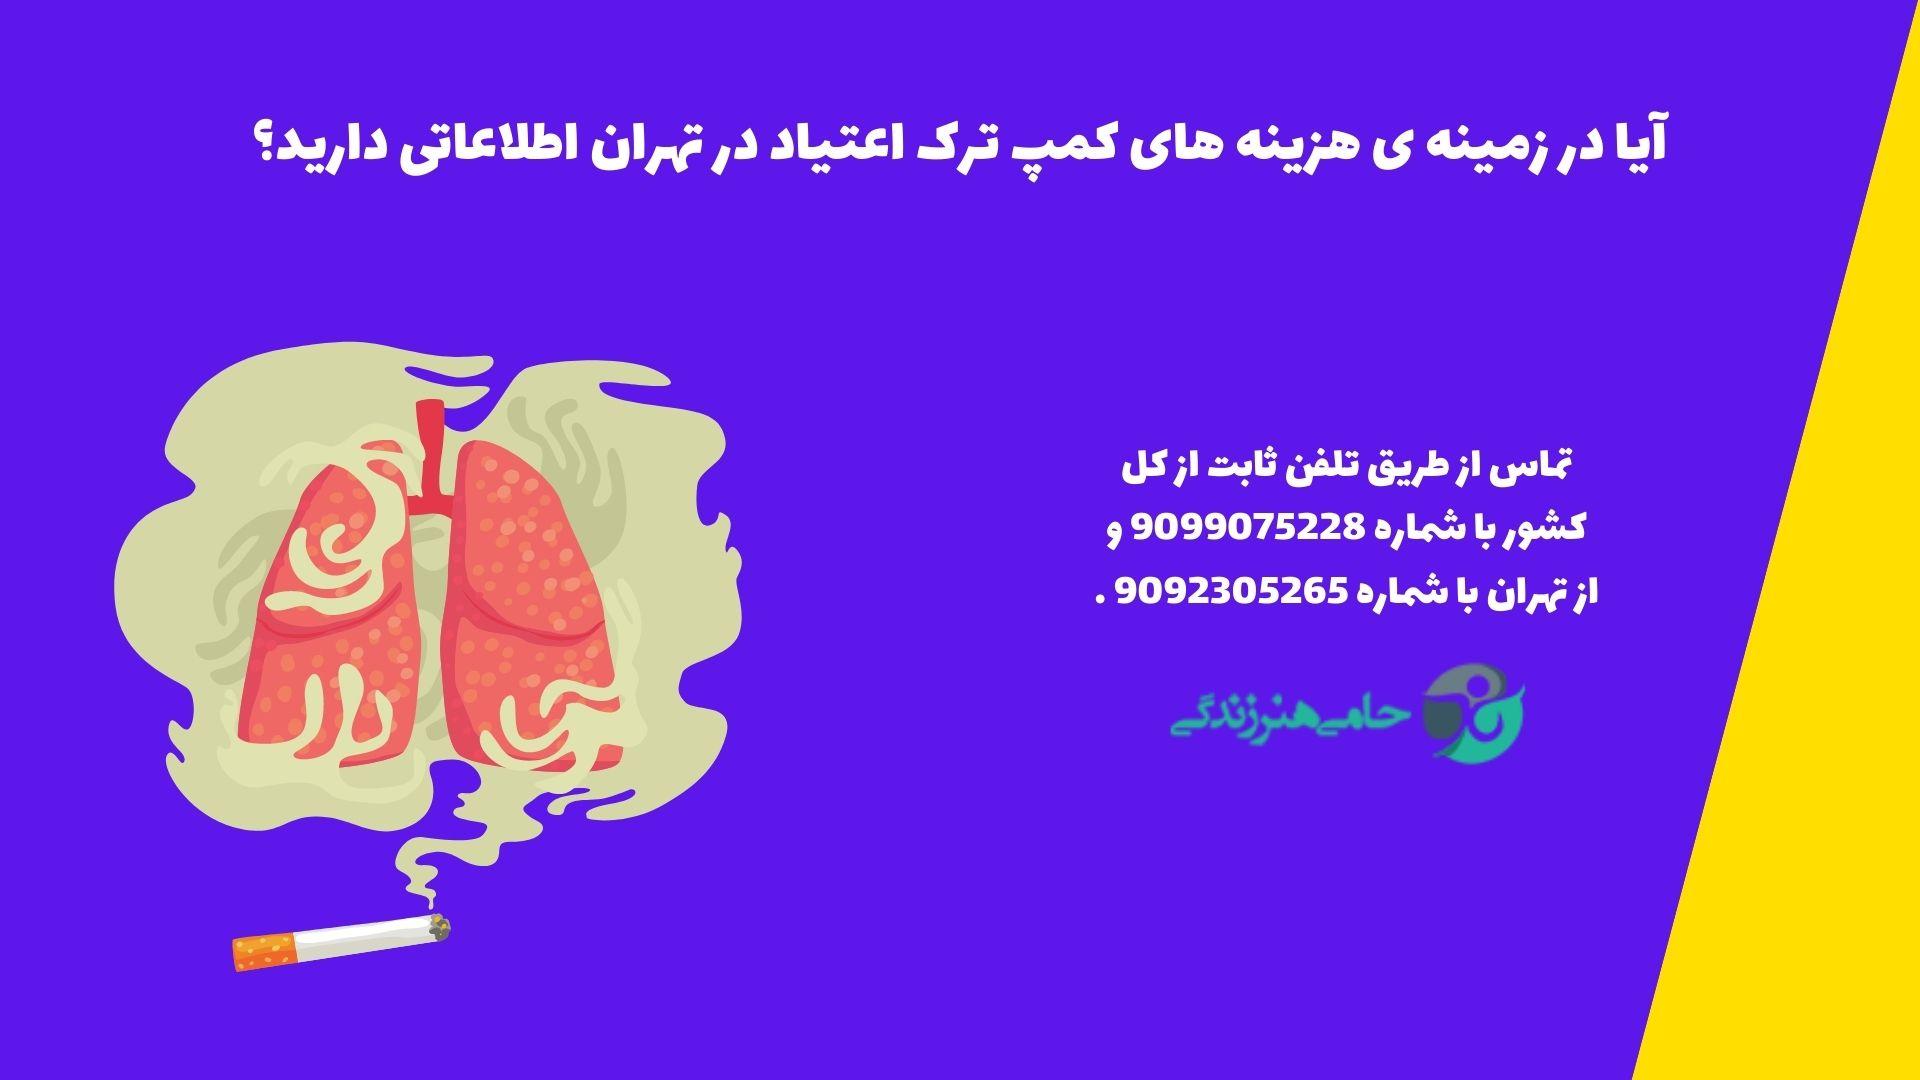 آیا در زمینه ی هزینه های کمپ ترک اعتیاد در تهران اطلاعاتی دارید؟